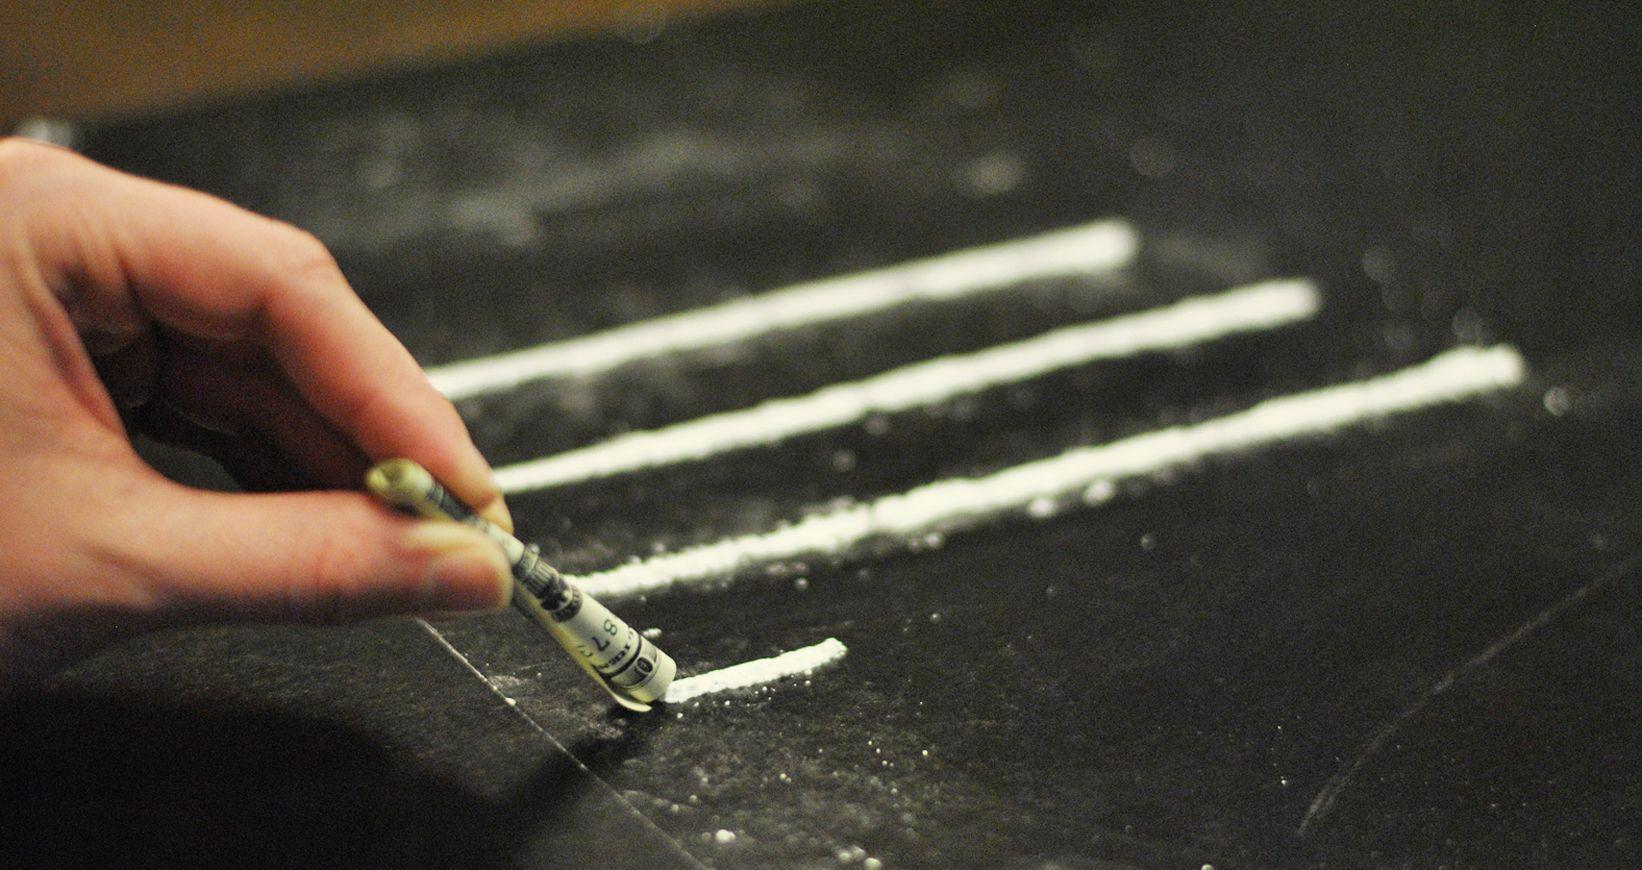 Entre 2006 et 2011, la consommation de cocaïne a baissé de 40% aux Etats-Unis.